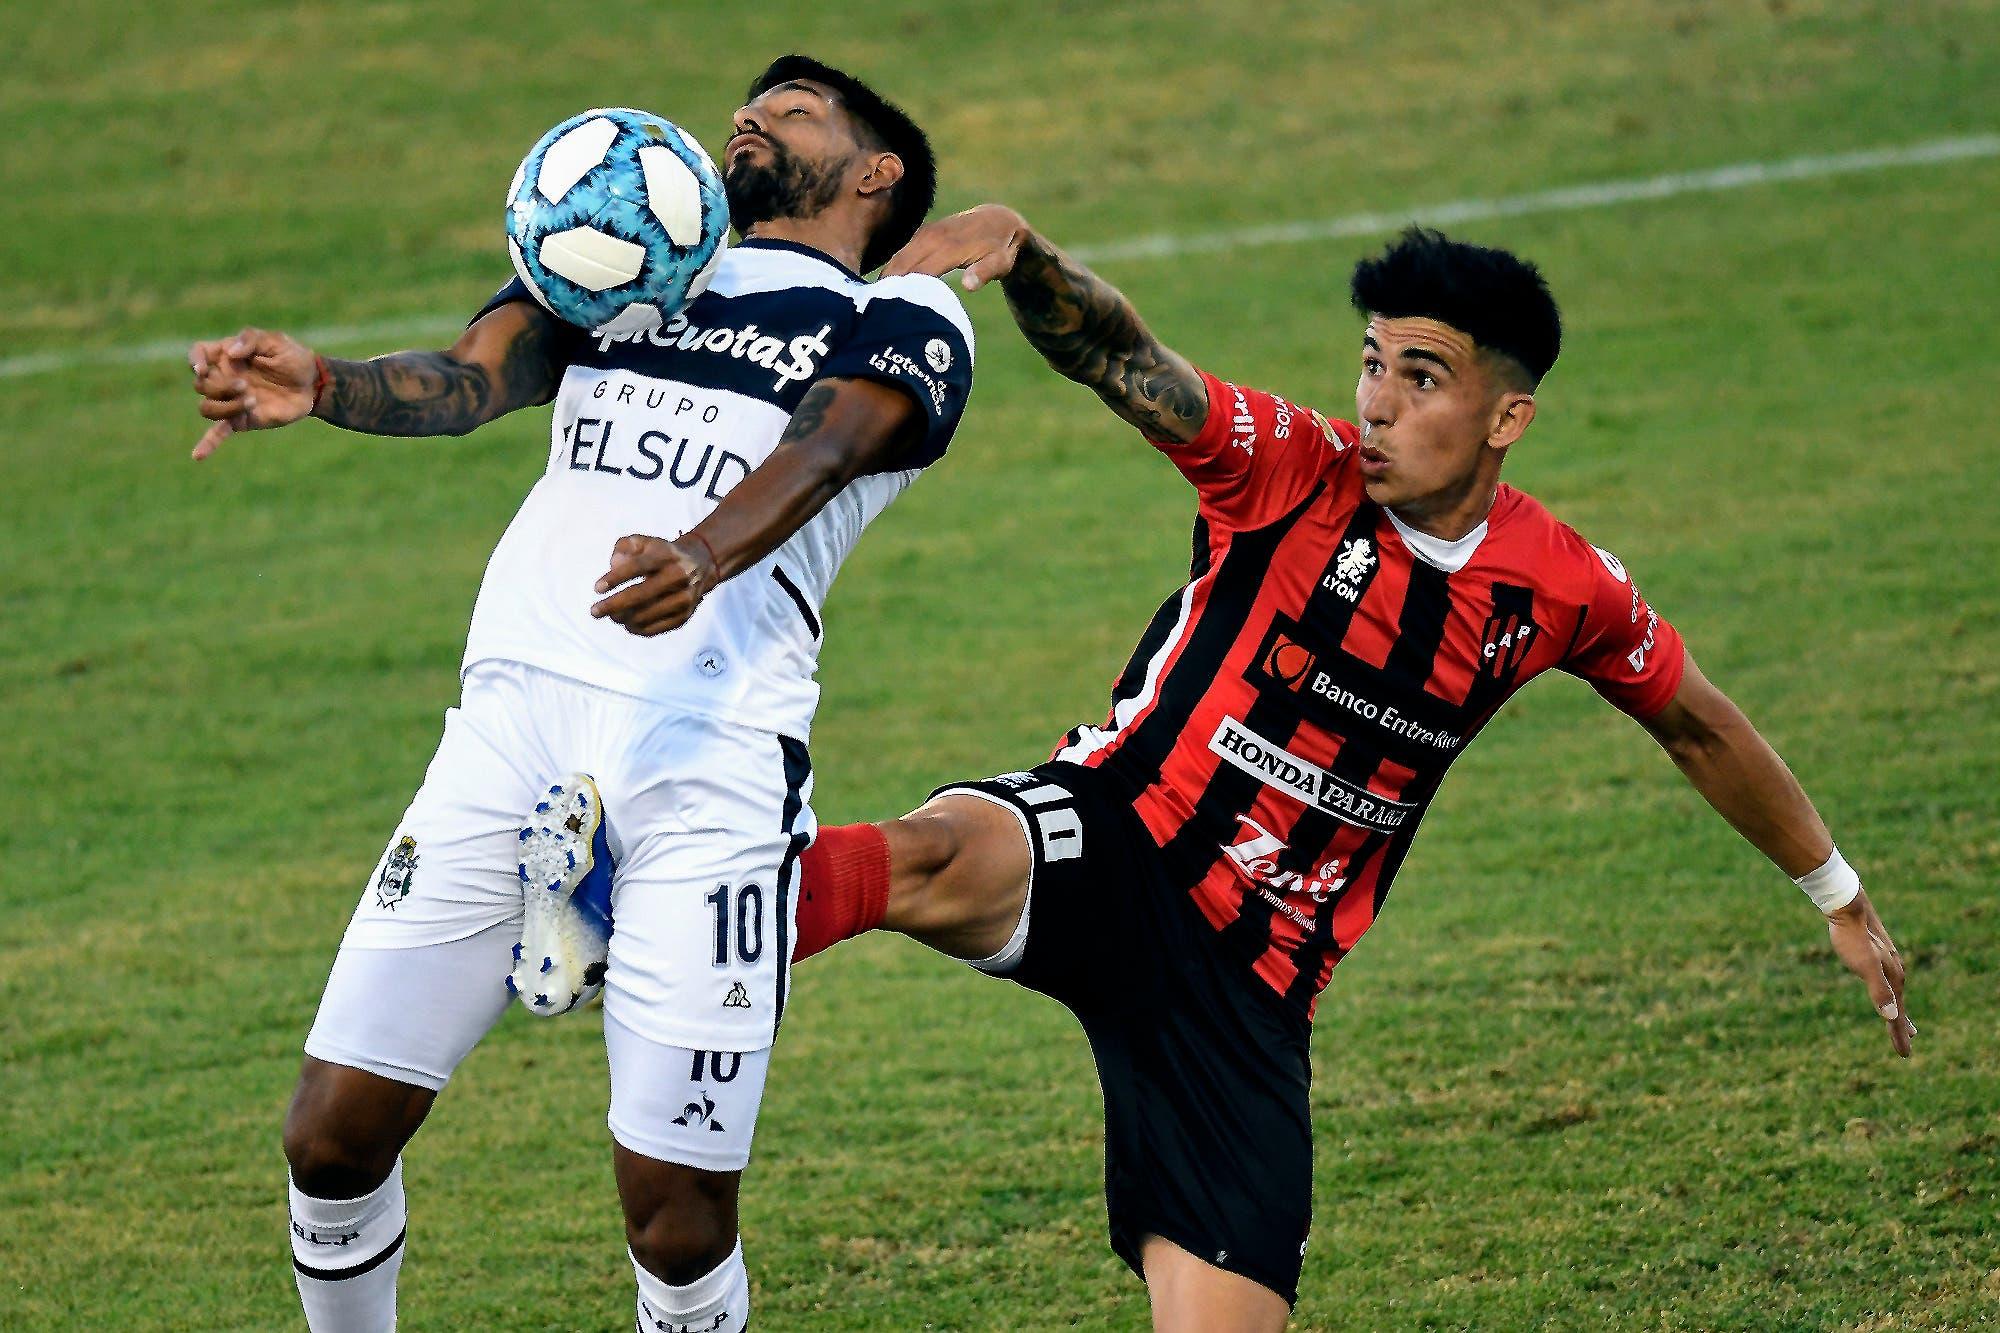 Patronato-Gimnasia La Plata, Copa Liga Profesional: los dos necesitan ganar para soñar con la clasificación